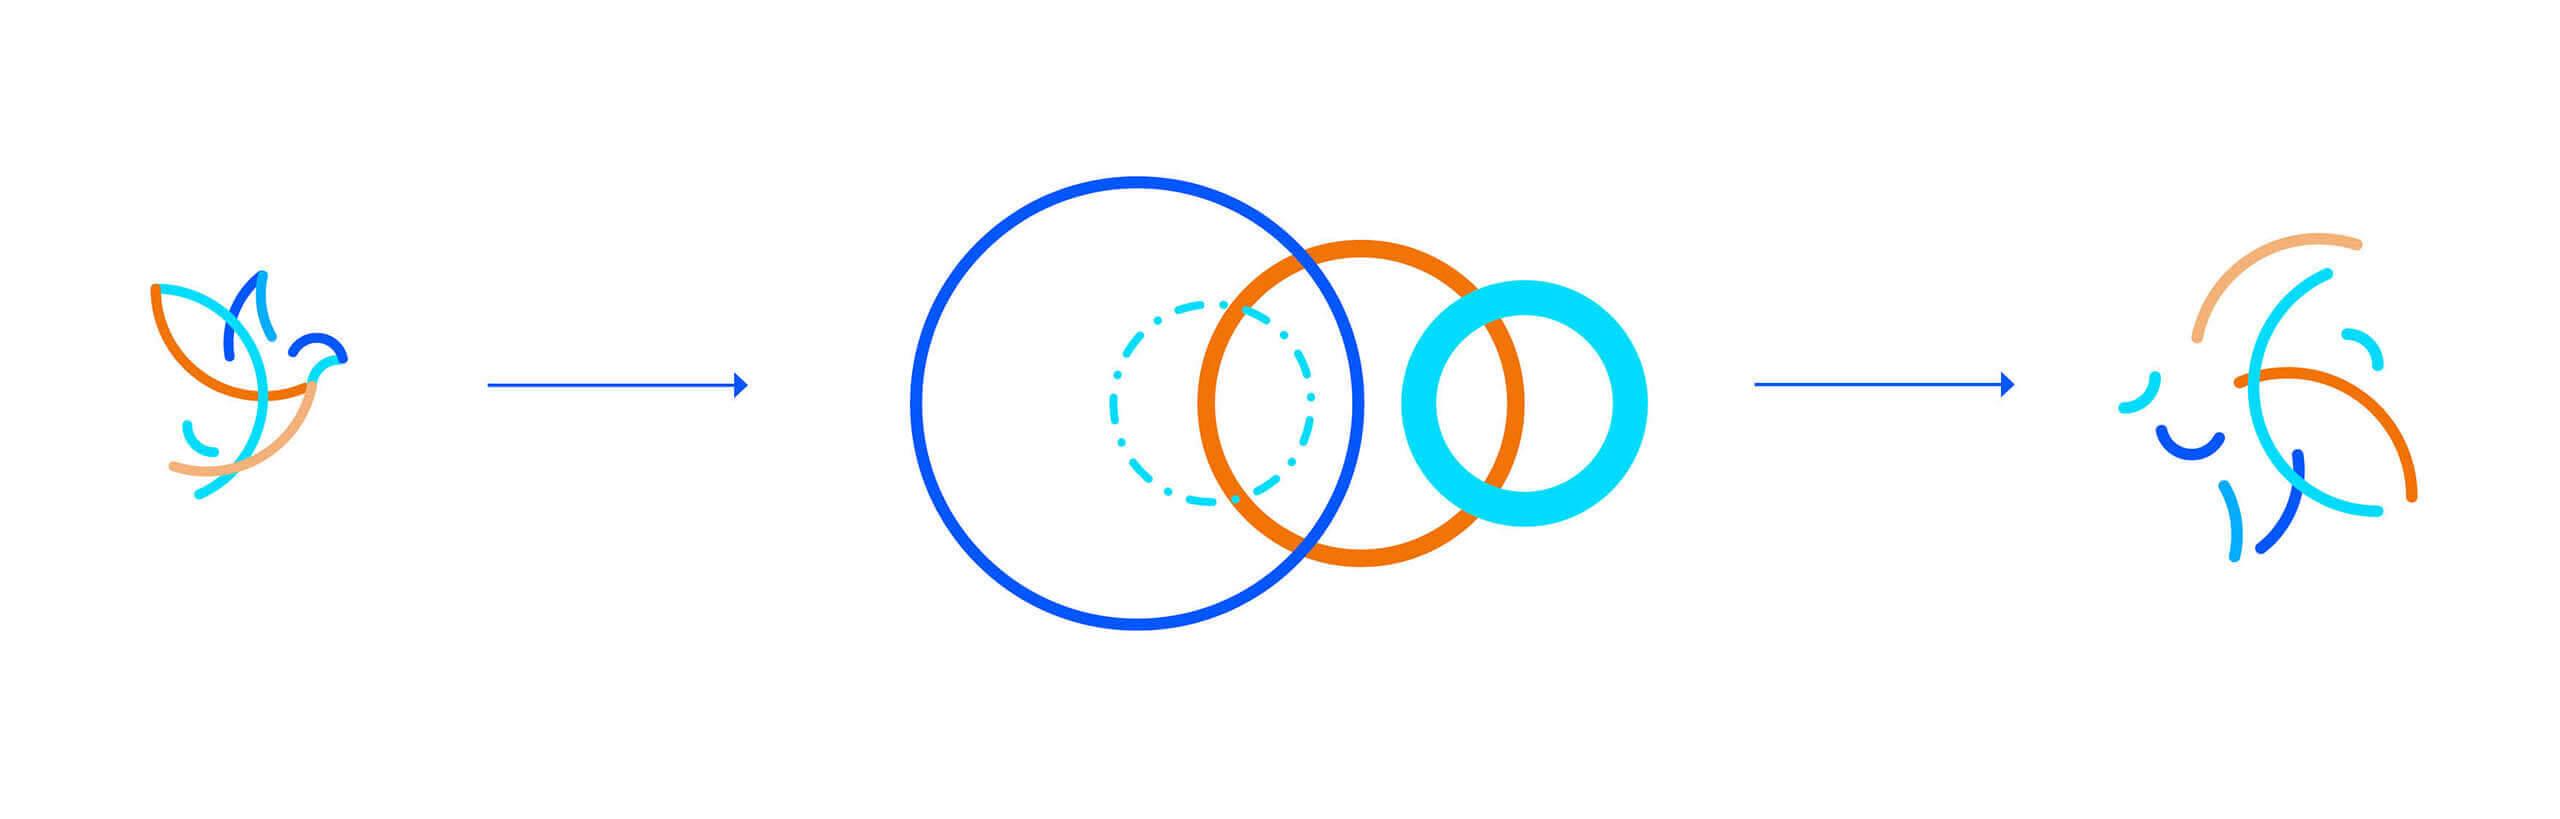 Formes pour la conception graphique